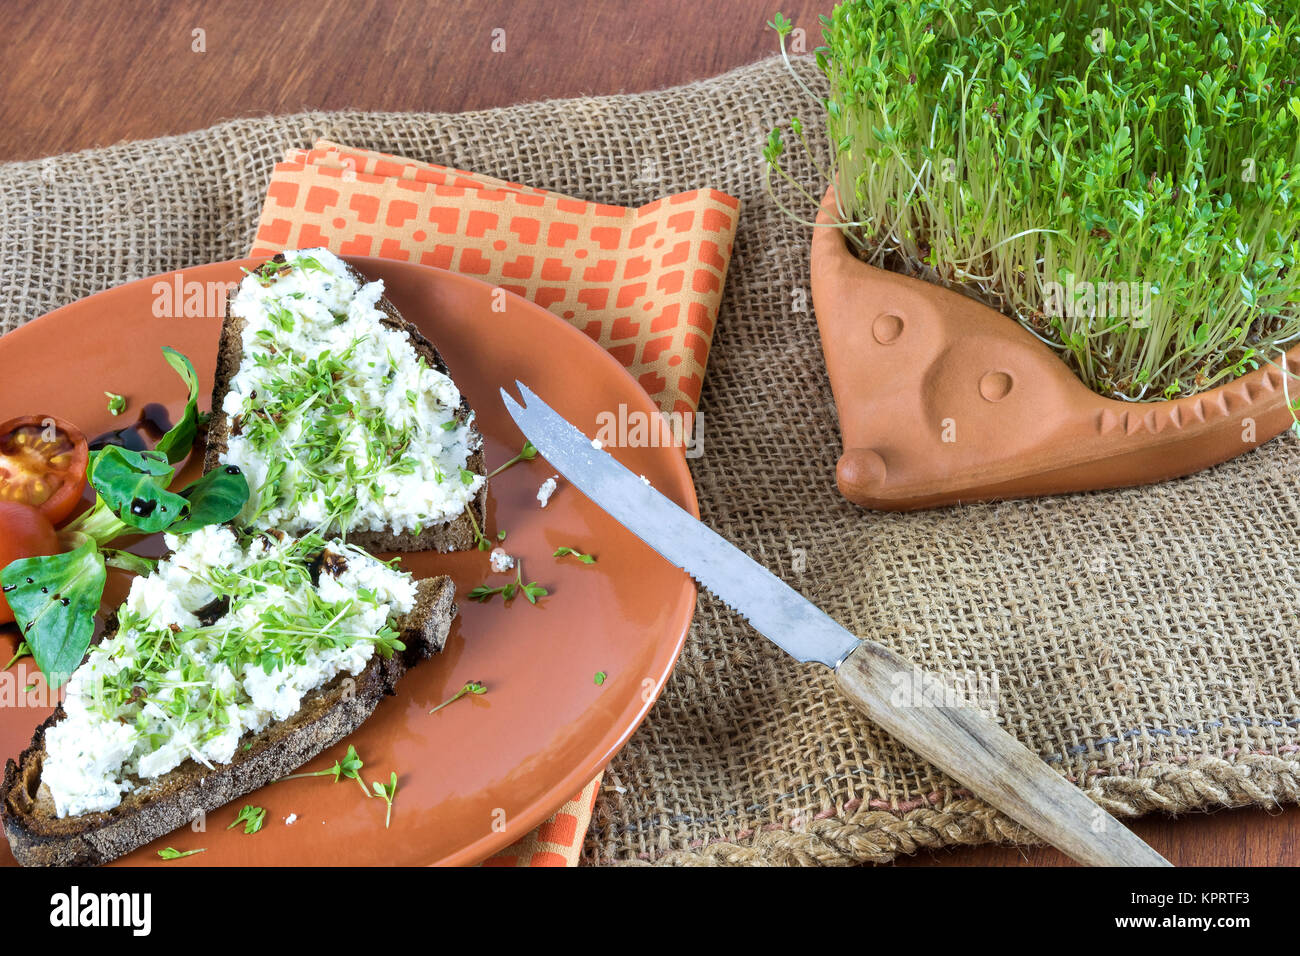 even retraction garden cress as healthy vitamin supplier - Stock Image